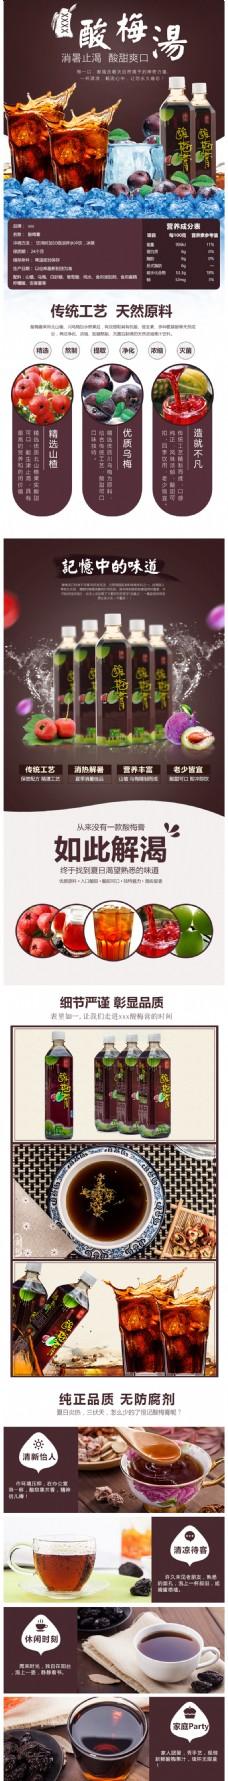 淘宝网夏季饮品酸梅汤详情页模板